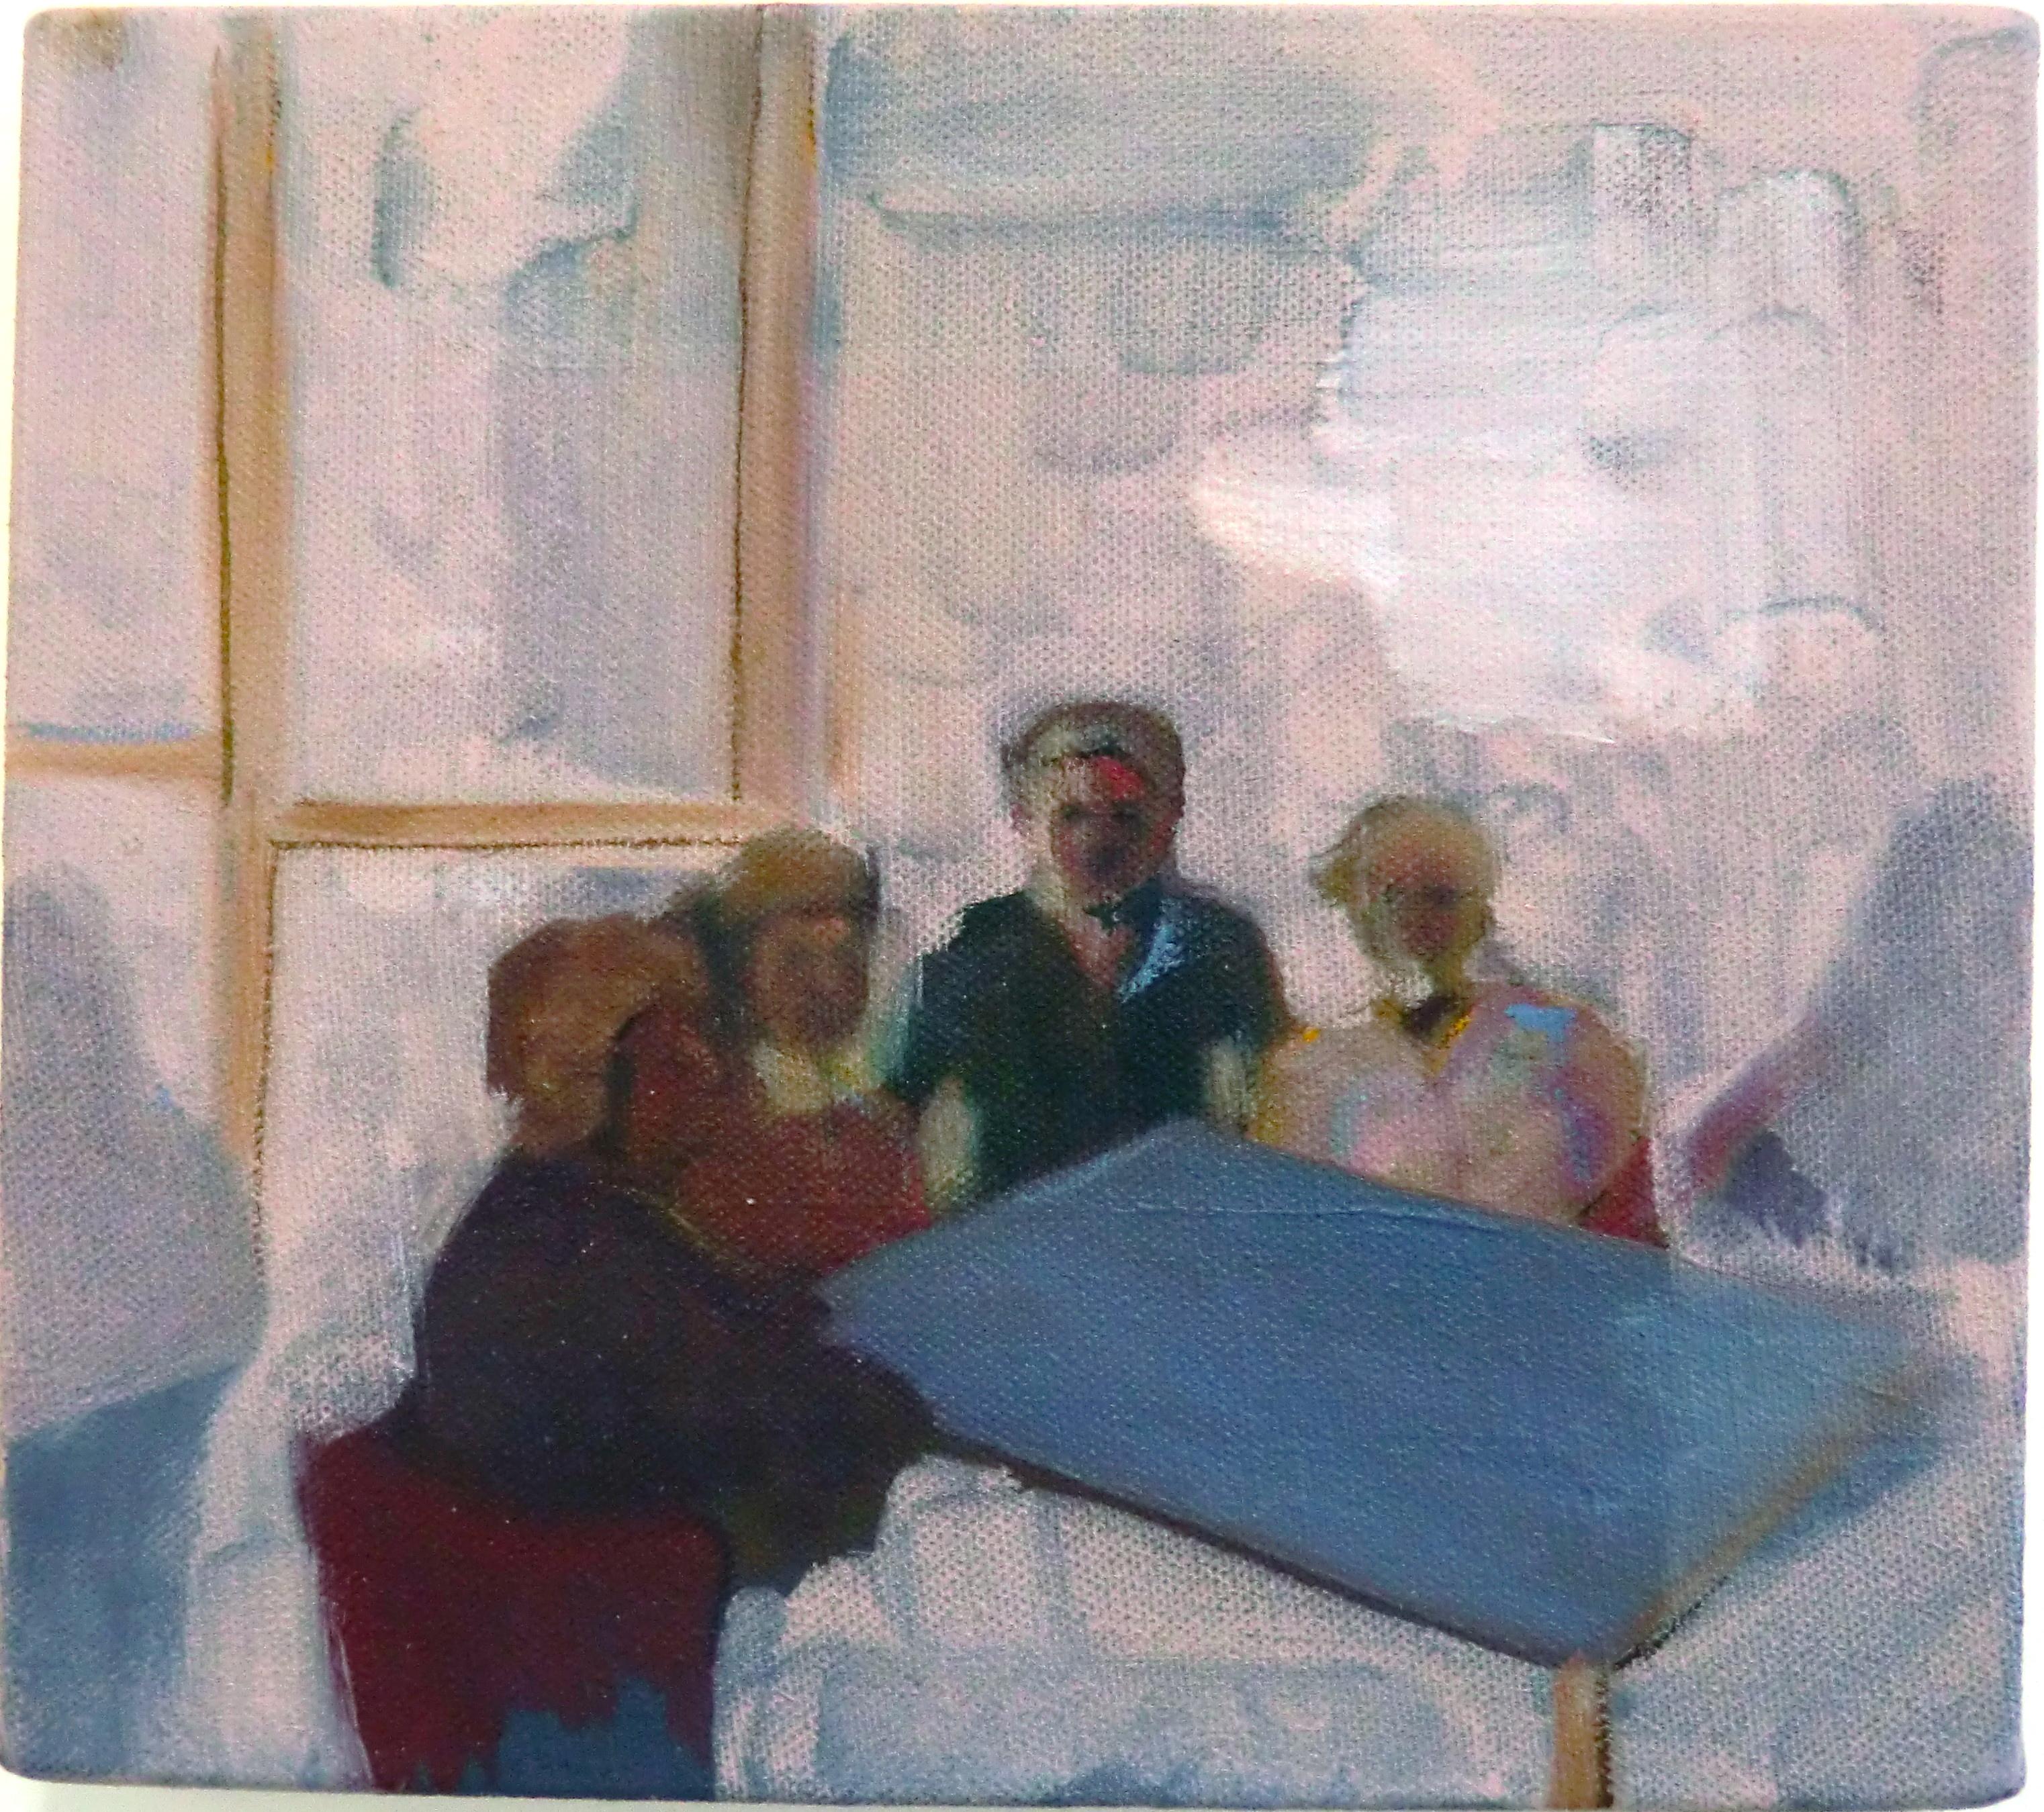 Hearn, N (2012). Untitled